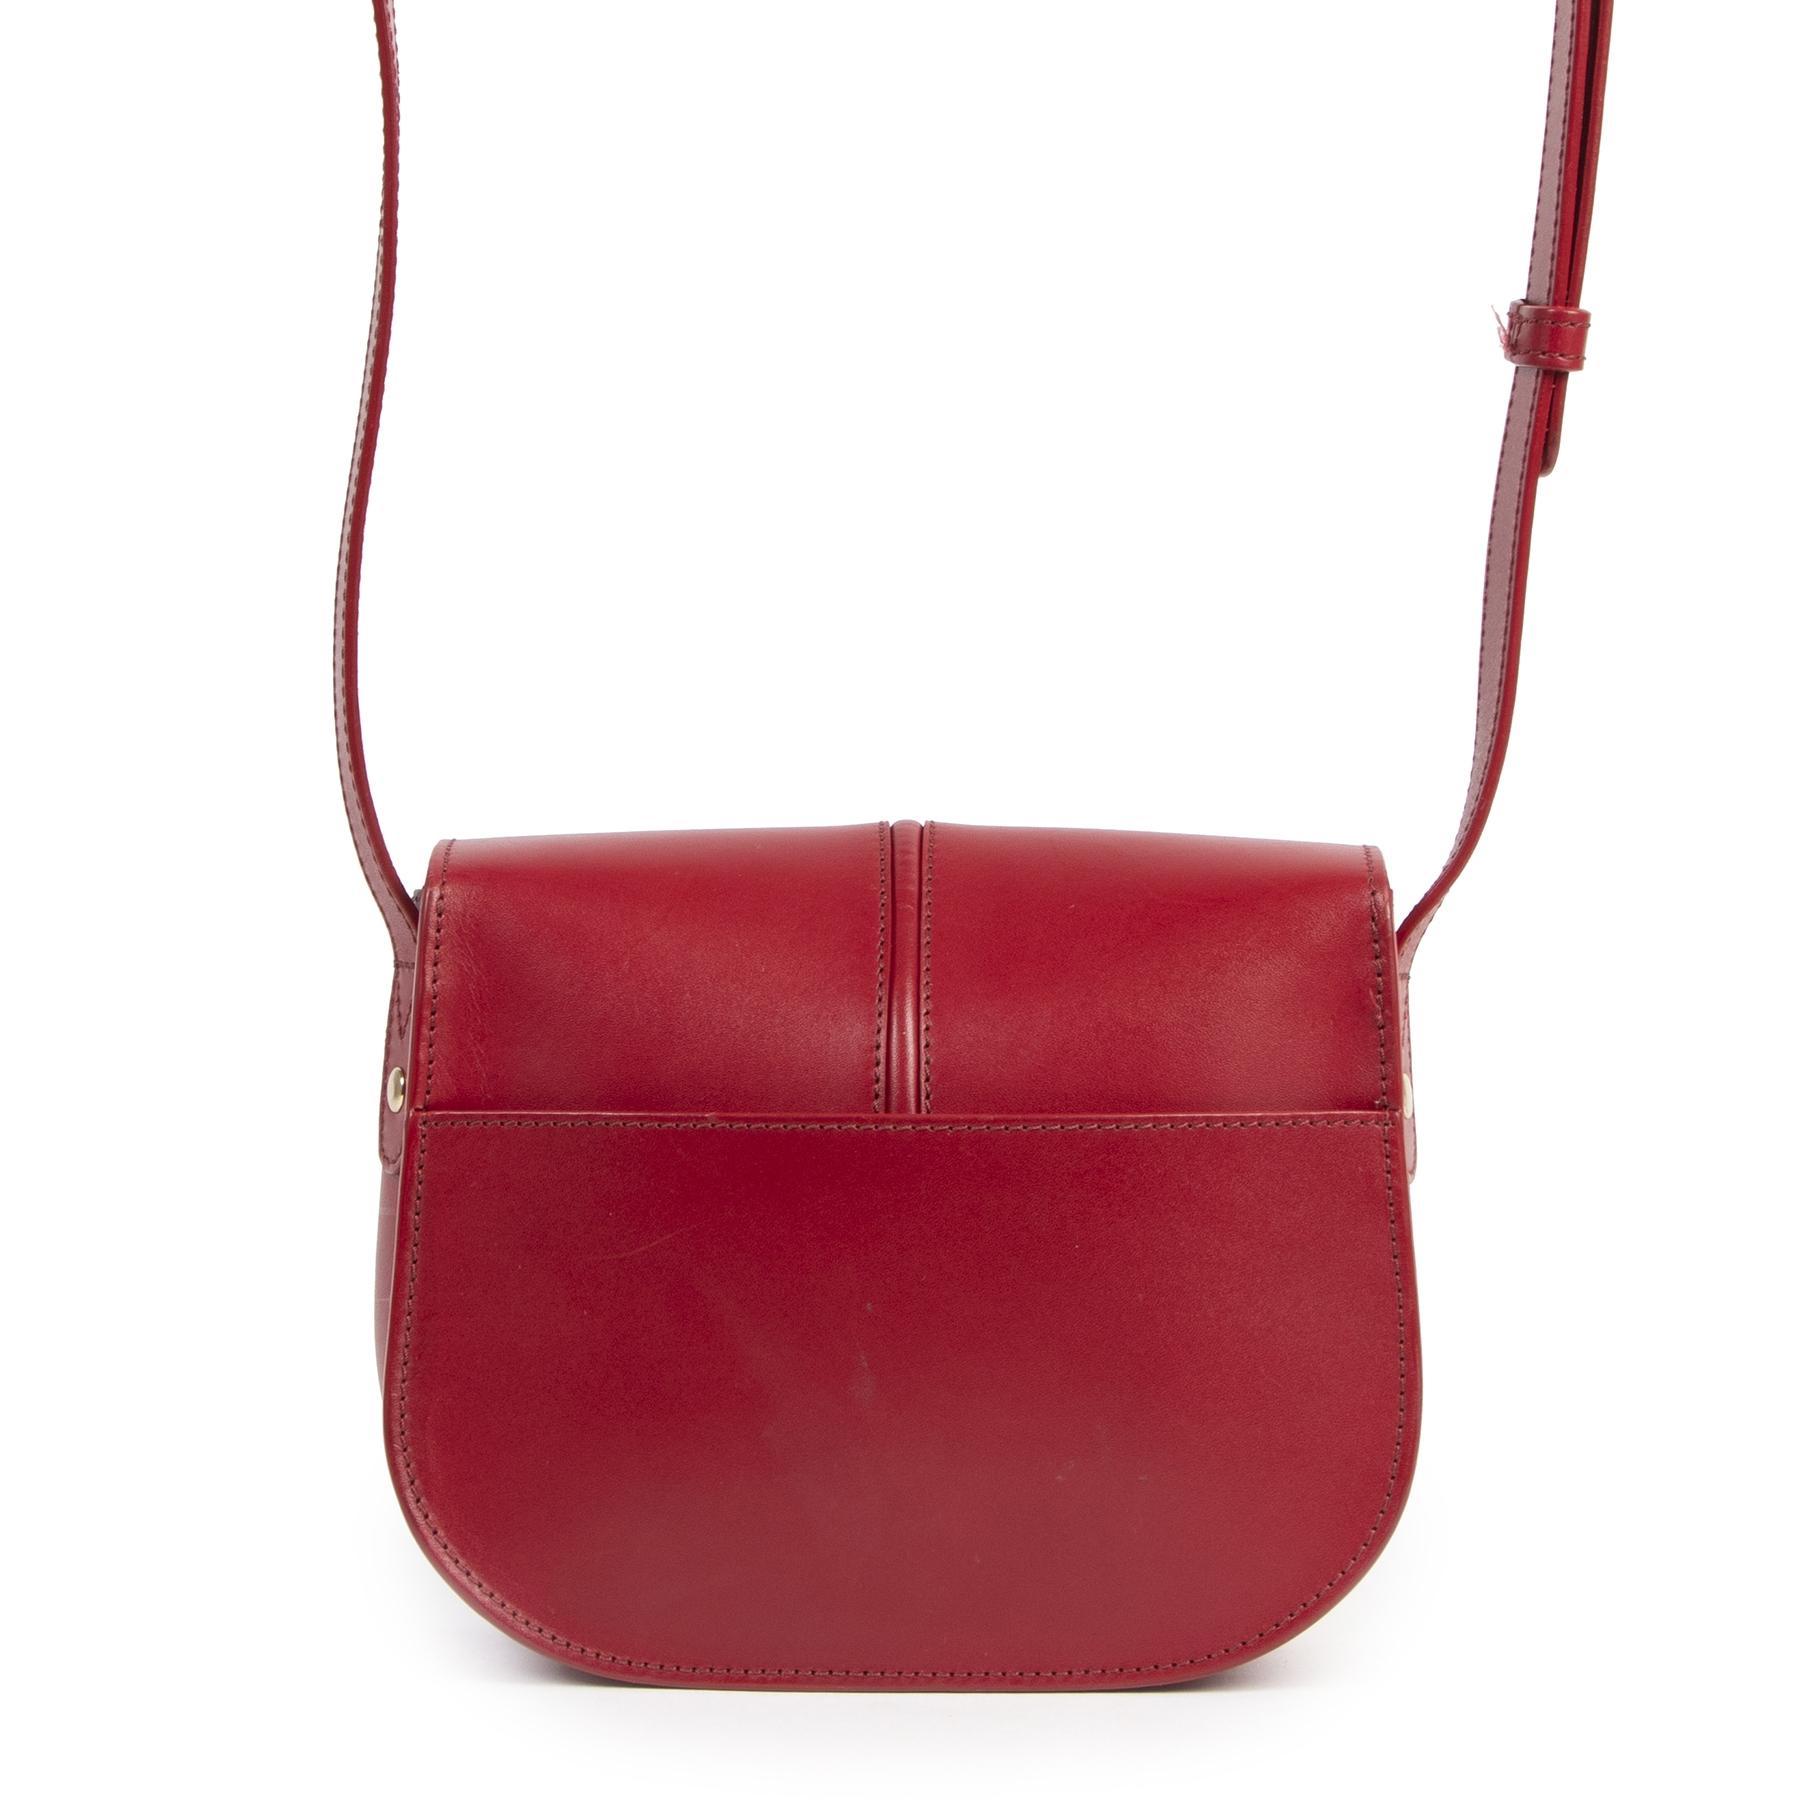 A.P.C. Betty Red Leather Crossbody Bag pour le meilleur prix chez Labellov à Anvers Belgique